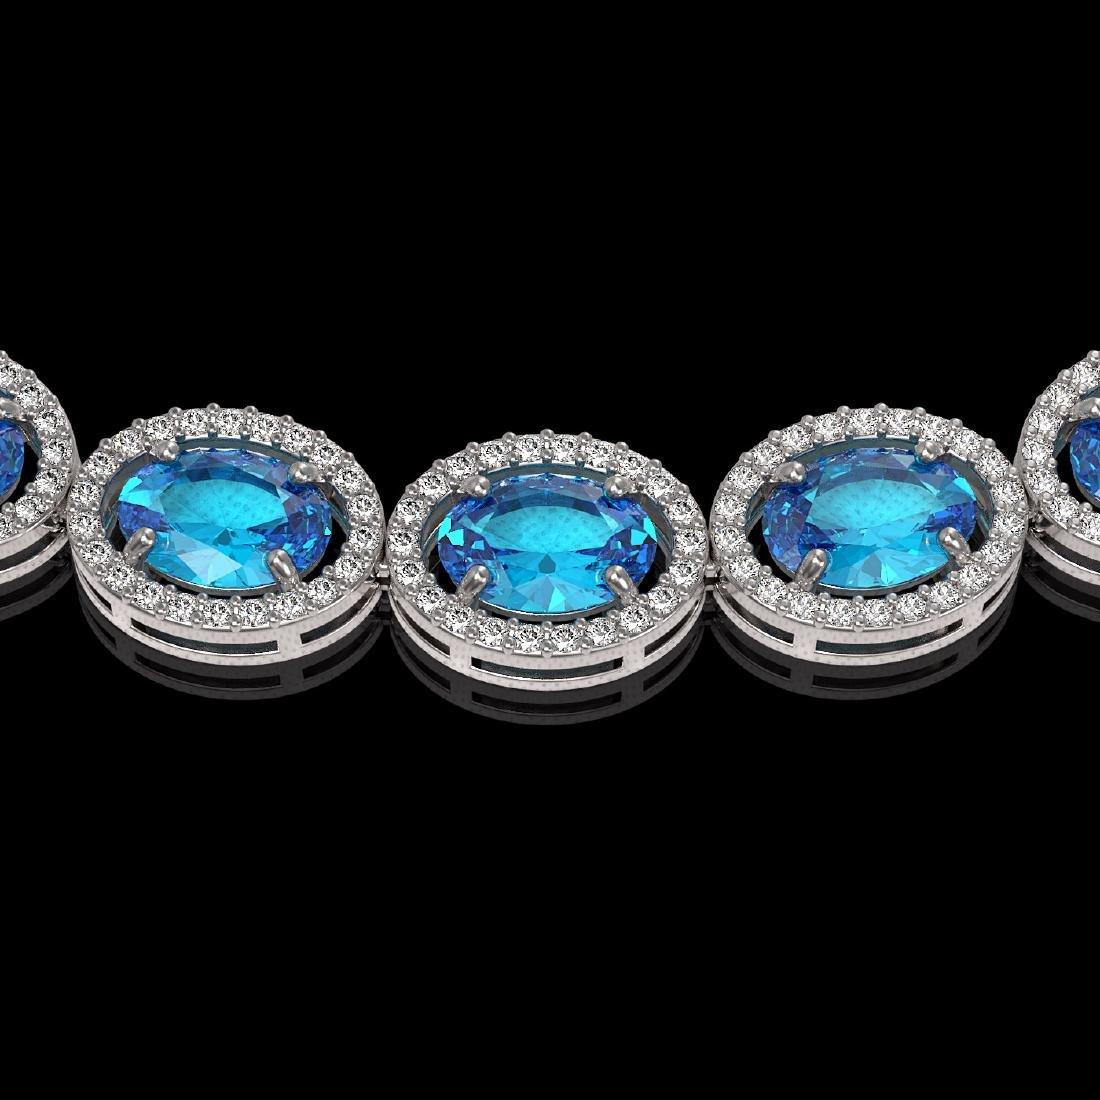 55.41 CTW Swiss Topaz & Diamond Halo Necklace 10K White - 3